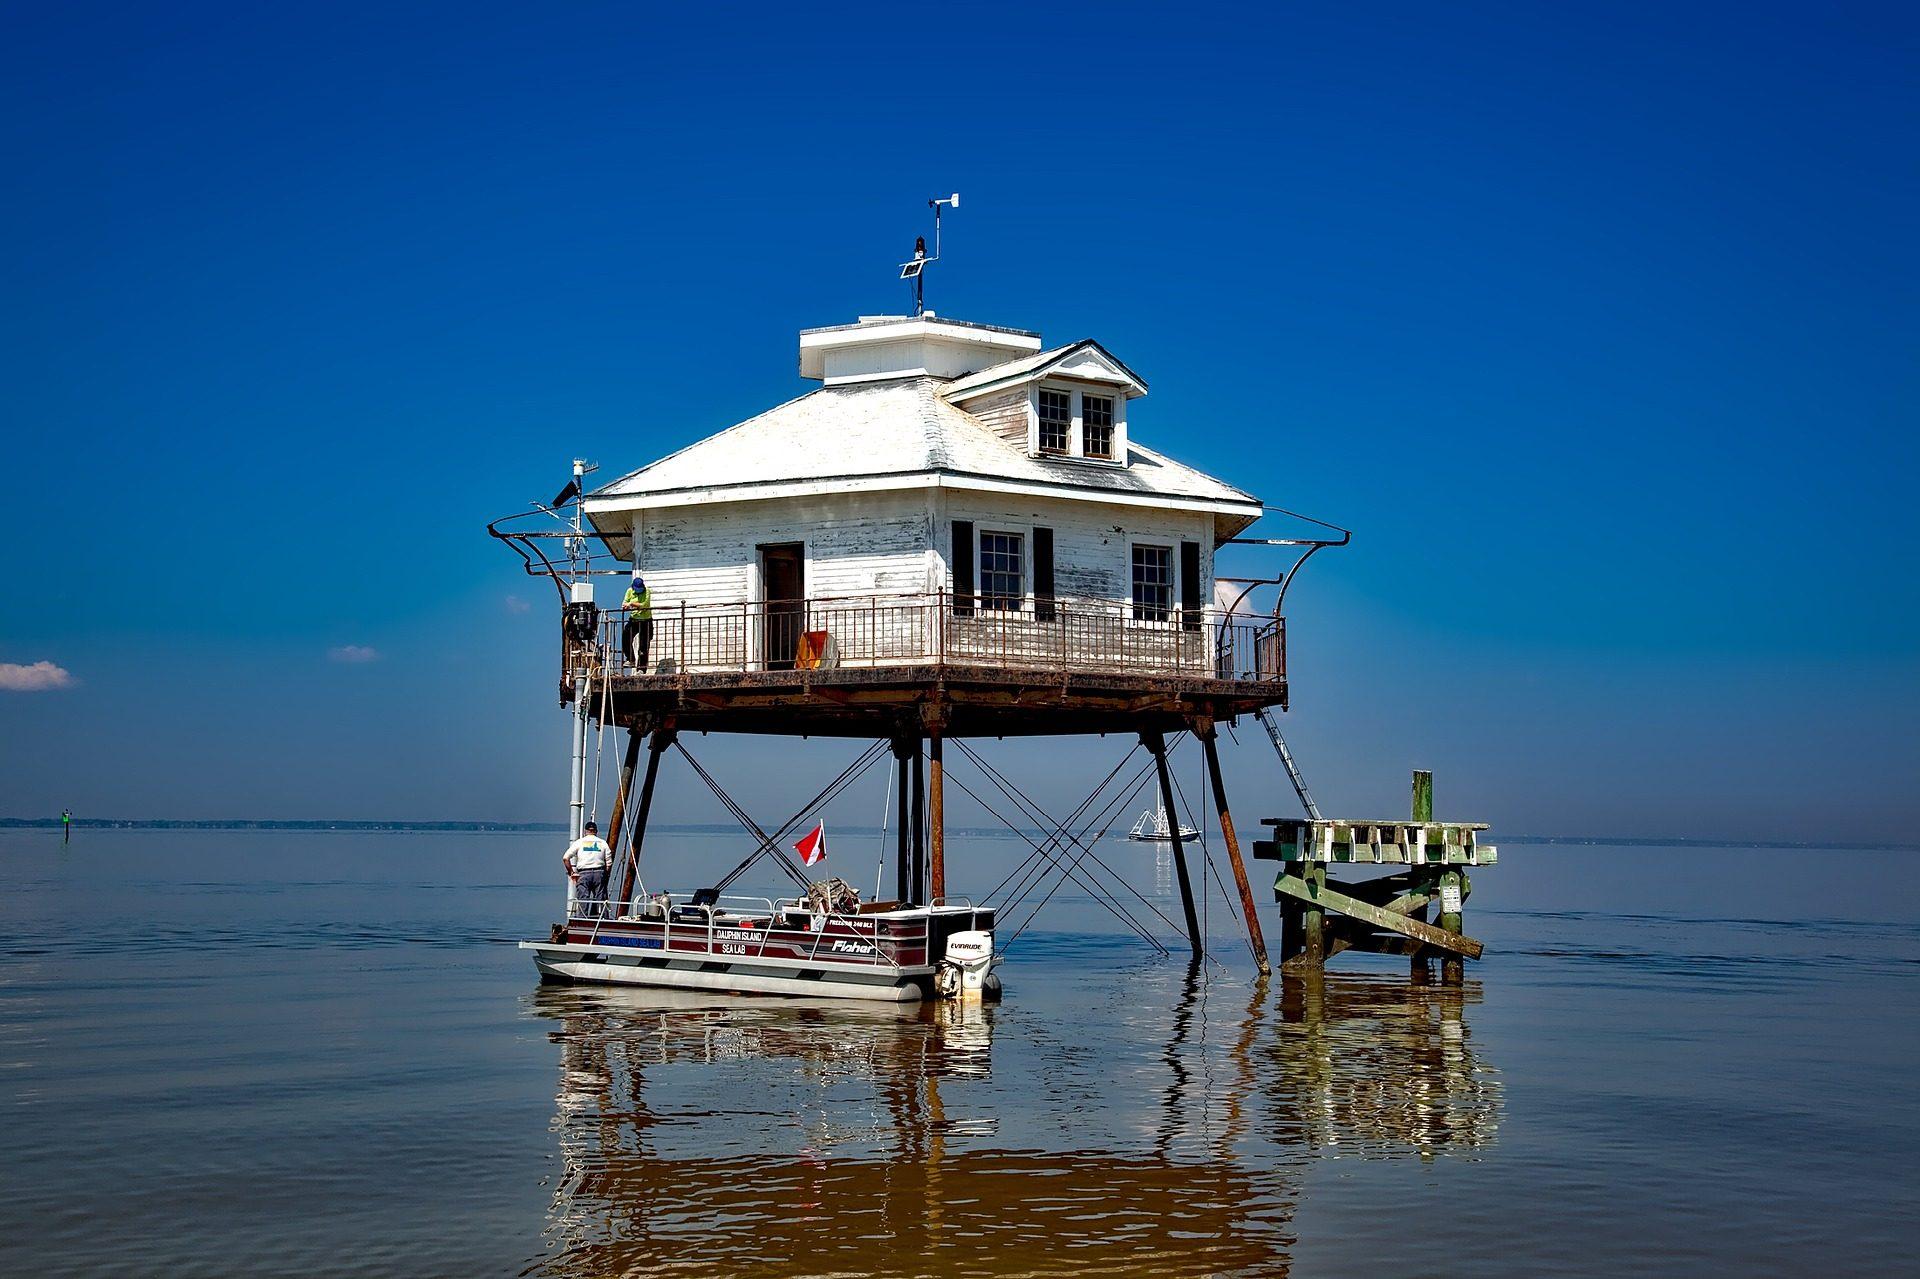 Mare, Casa, Embarcadero, barca, Faro, Bahía - Sfondi HD - Professor-falken.com